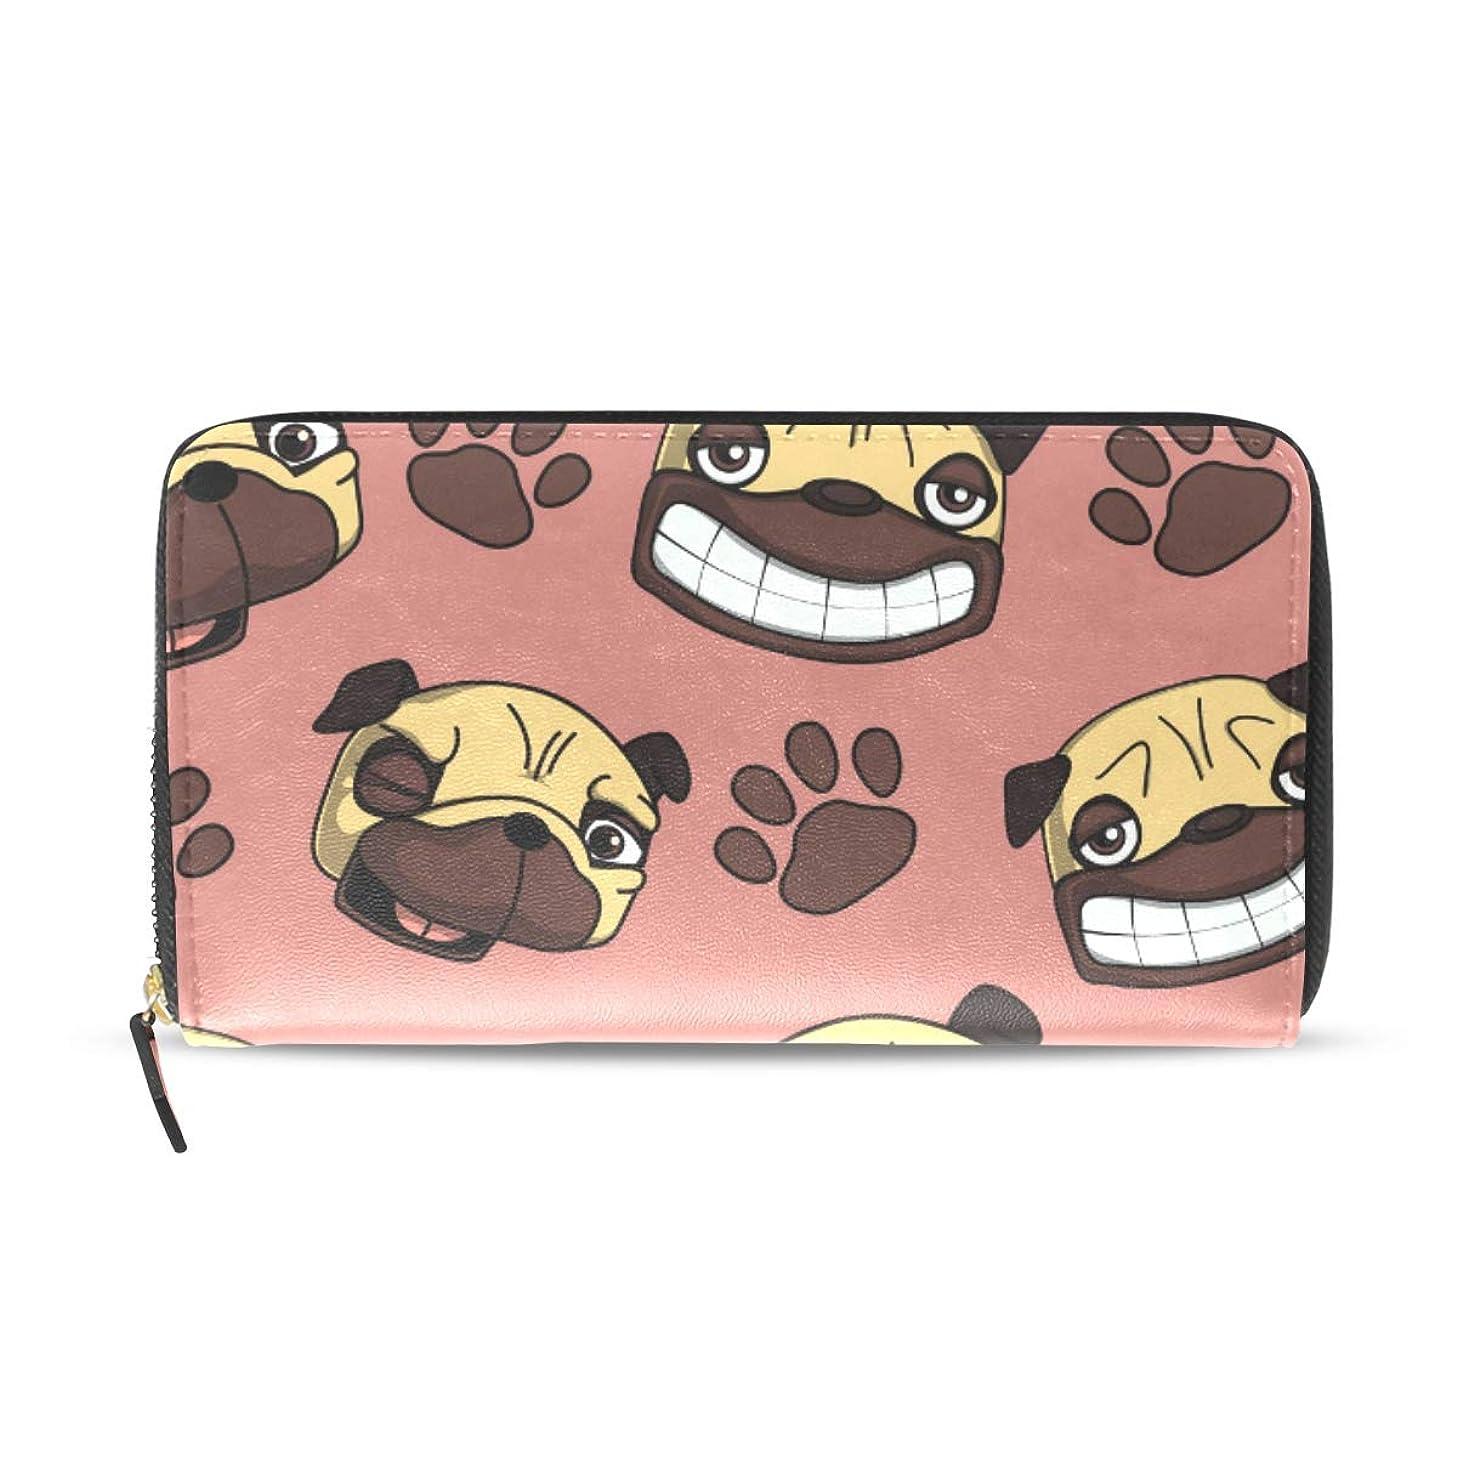 真鍮最終スリップシューズユサキ(USAKI) 長財布 レディース 犬柄 可愛すぎる パグ いい表情 足跡 ピンク 大容量 レザー ラウンドファスナー おしゃれ コインケース プレゼント